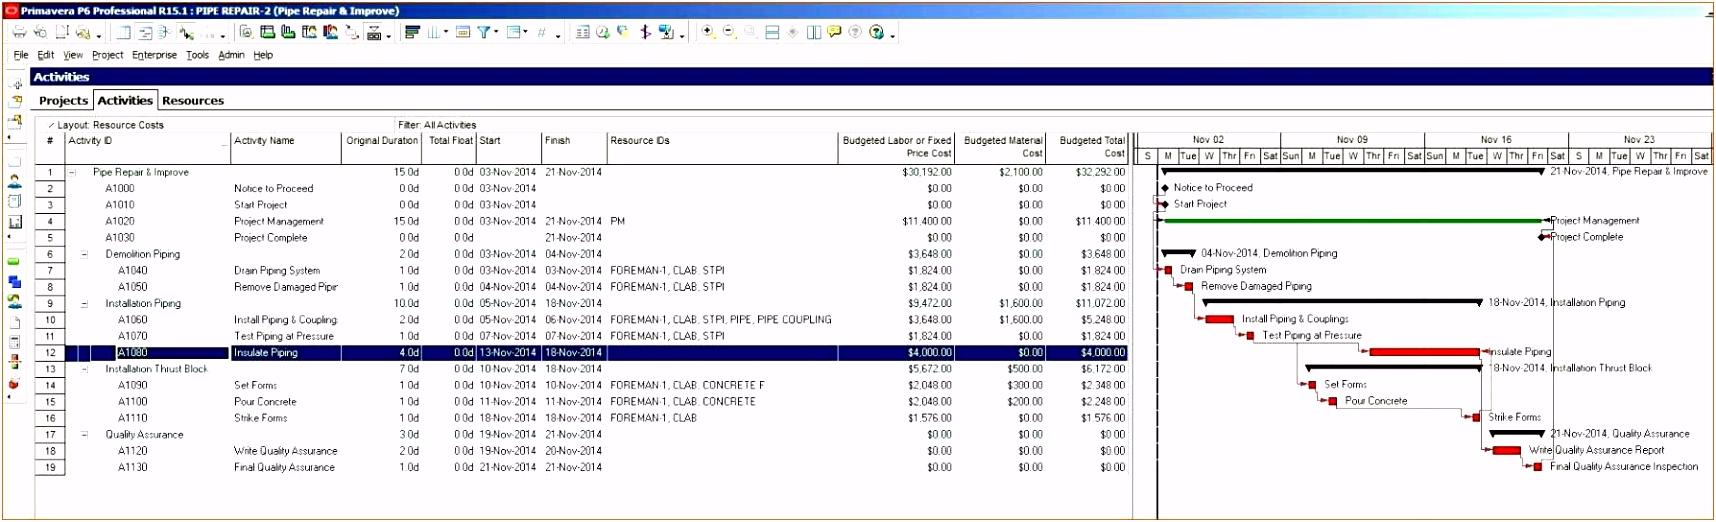 Excel Vorlage Datenbank Frisch Excel Datenbank Vorlage T3ju36eha3 E0wq04bea2